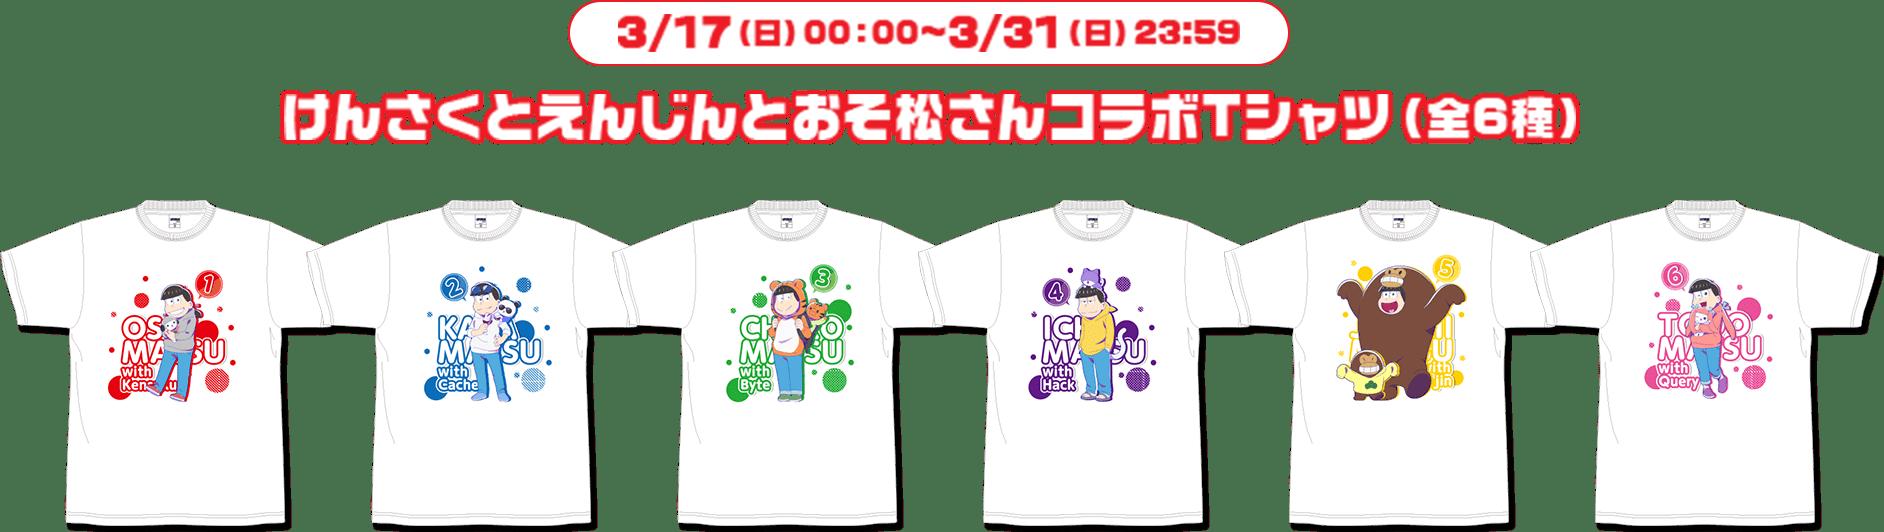 3/17(日)00:00~3/31(日)23:59 けんさくとえんじんとおそ松さんコラボTシャツ(全6種類)